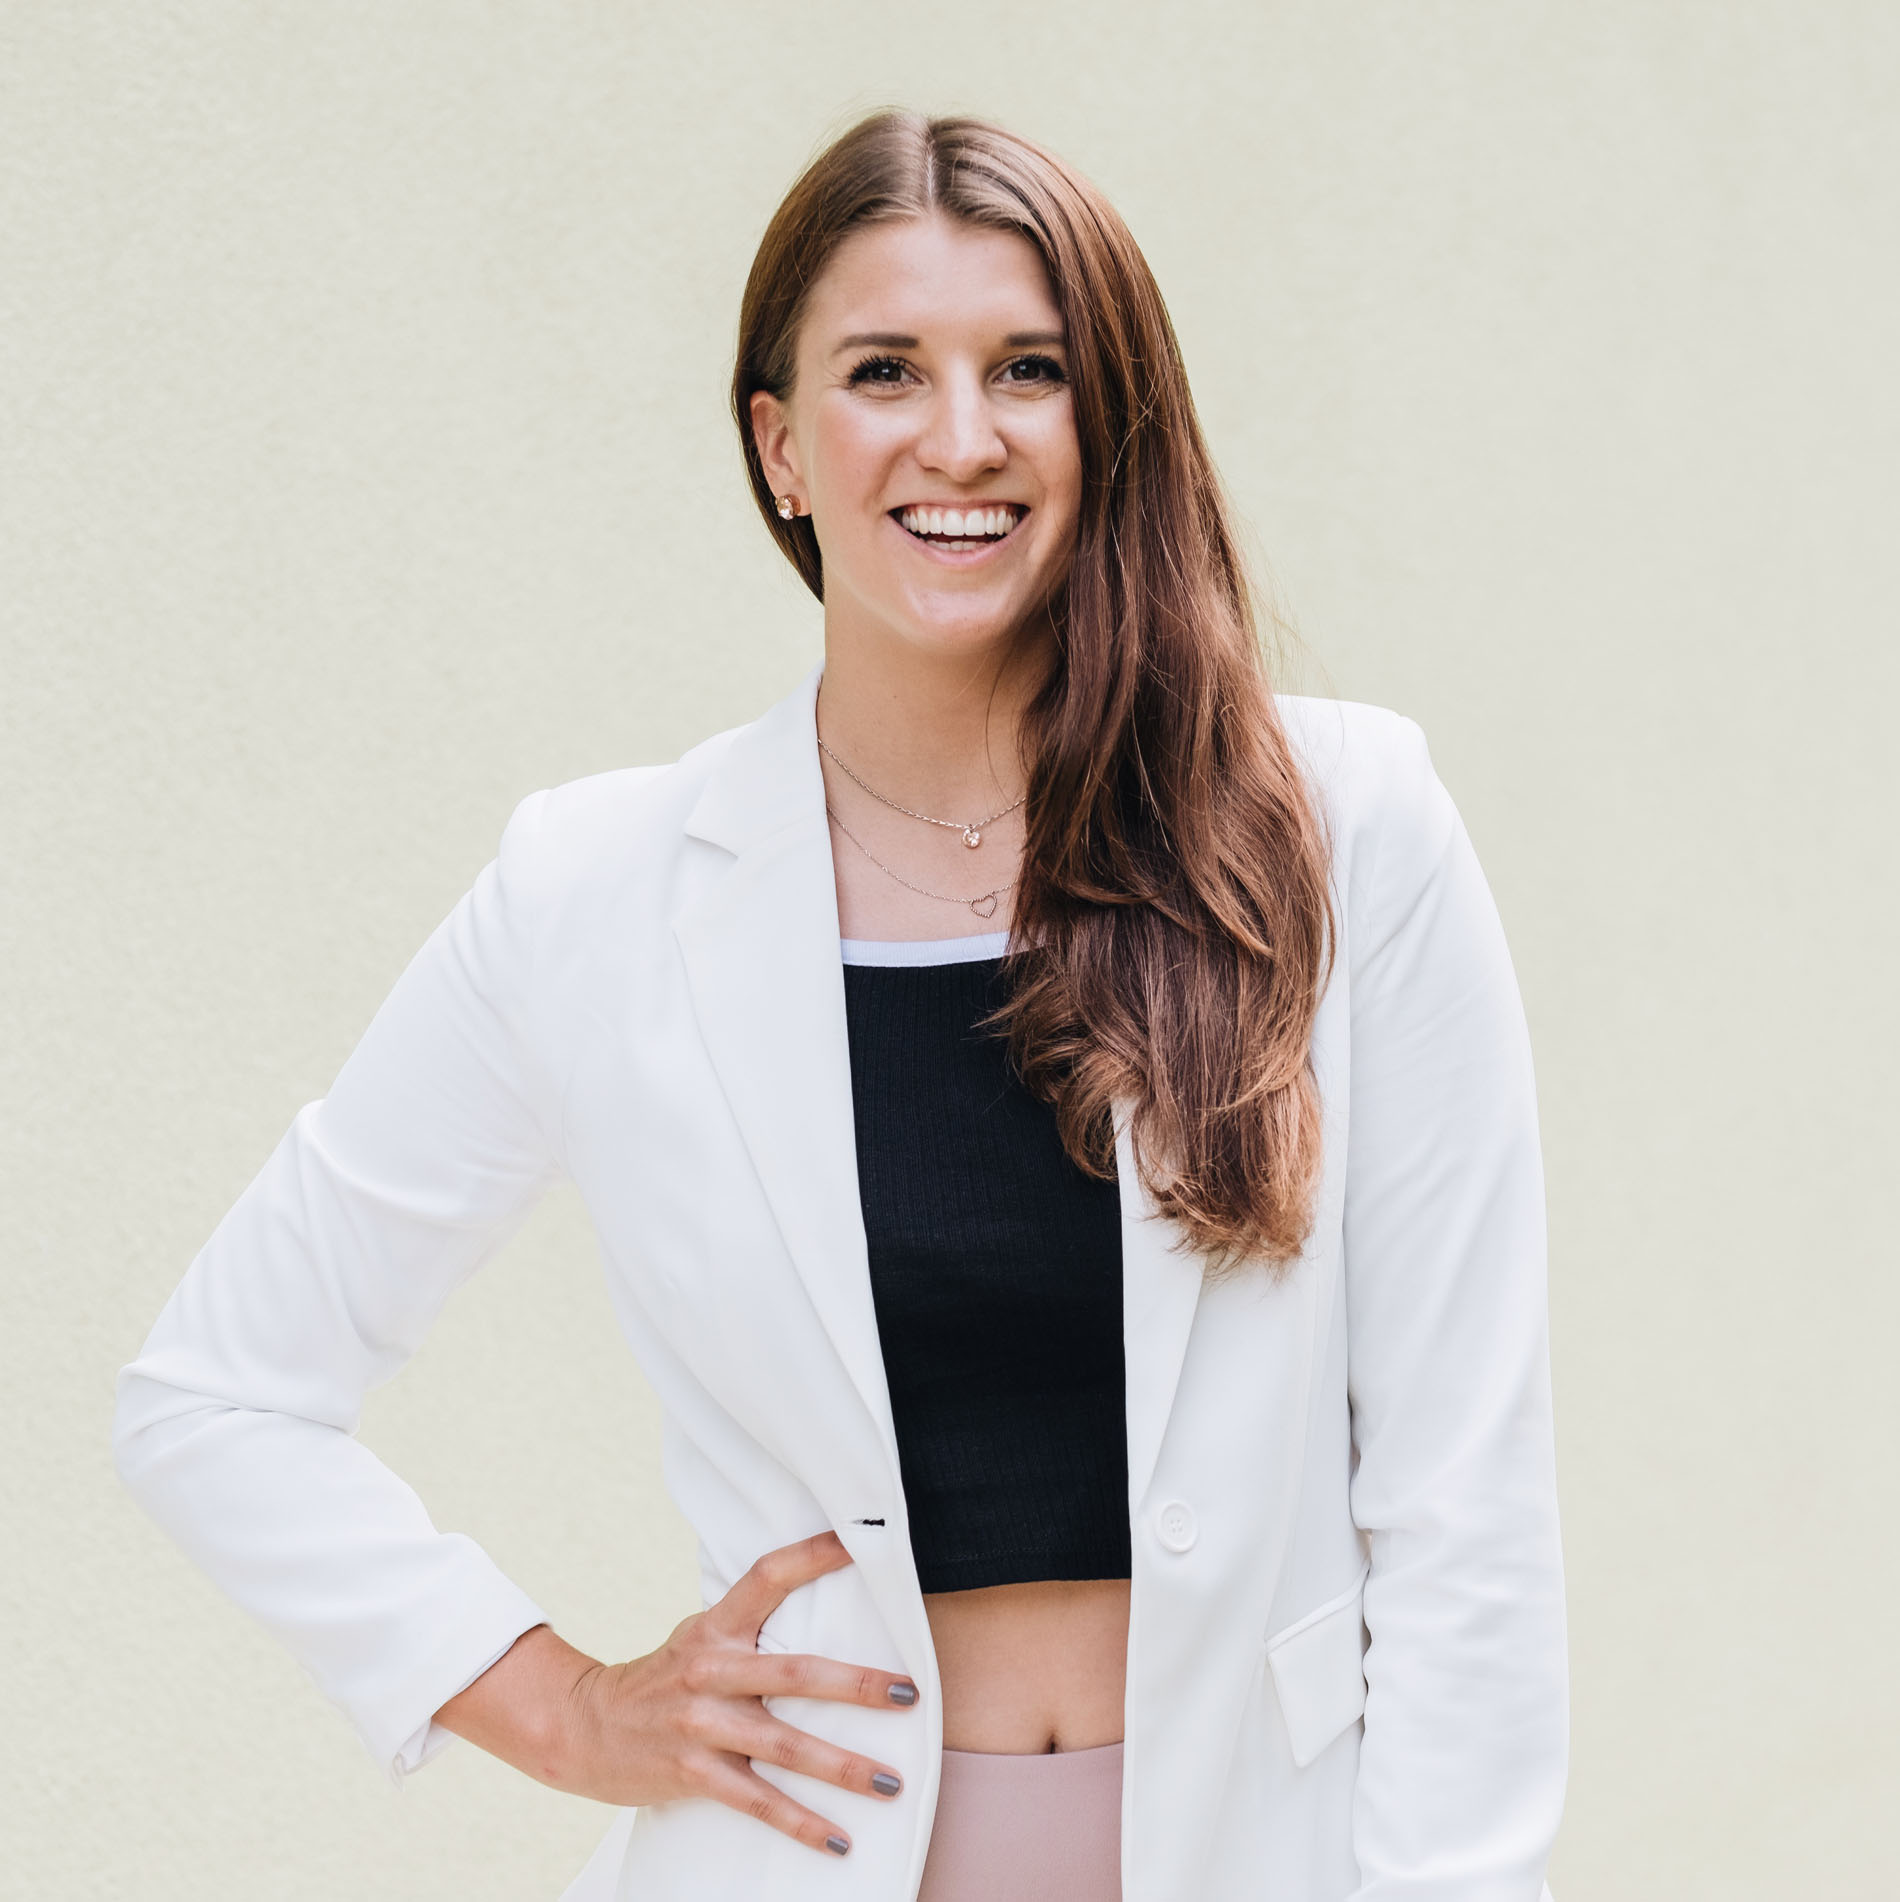 Interview mit Klara Fuchs, Klara Fuchs, Mindset, Persönlichkeitsentwicklung, persönliche Entwicklung, positives Mindset, gesunde Ernährung, Sport, mentales Training, Mentaltraining, Leben, Lifestyle